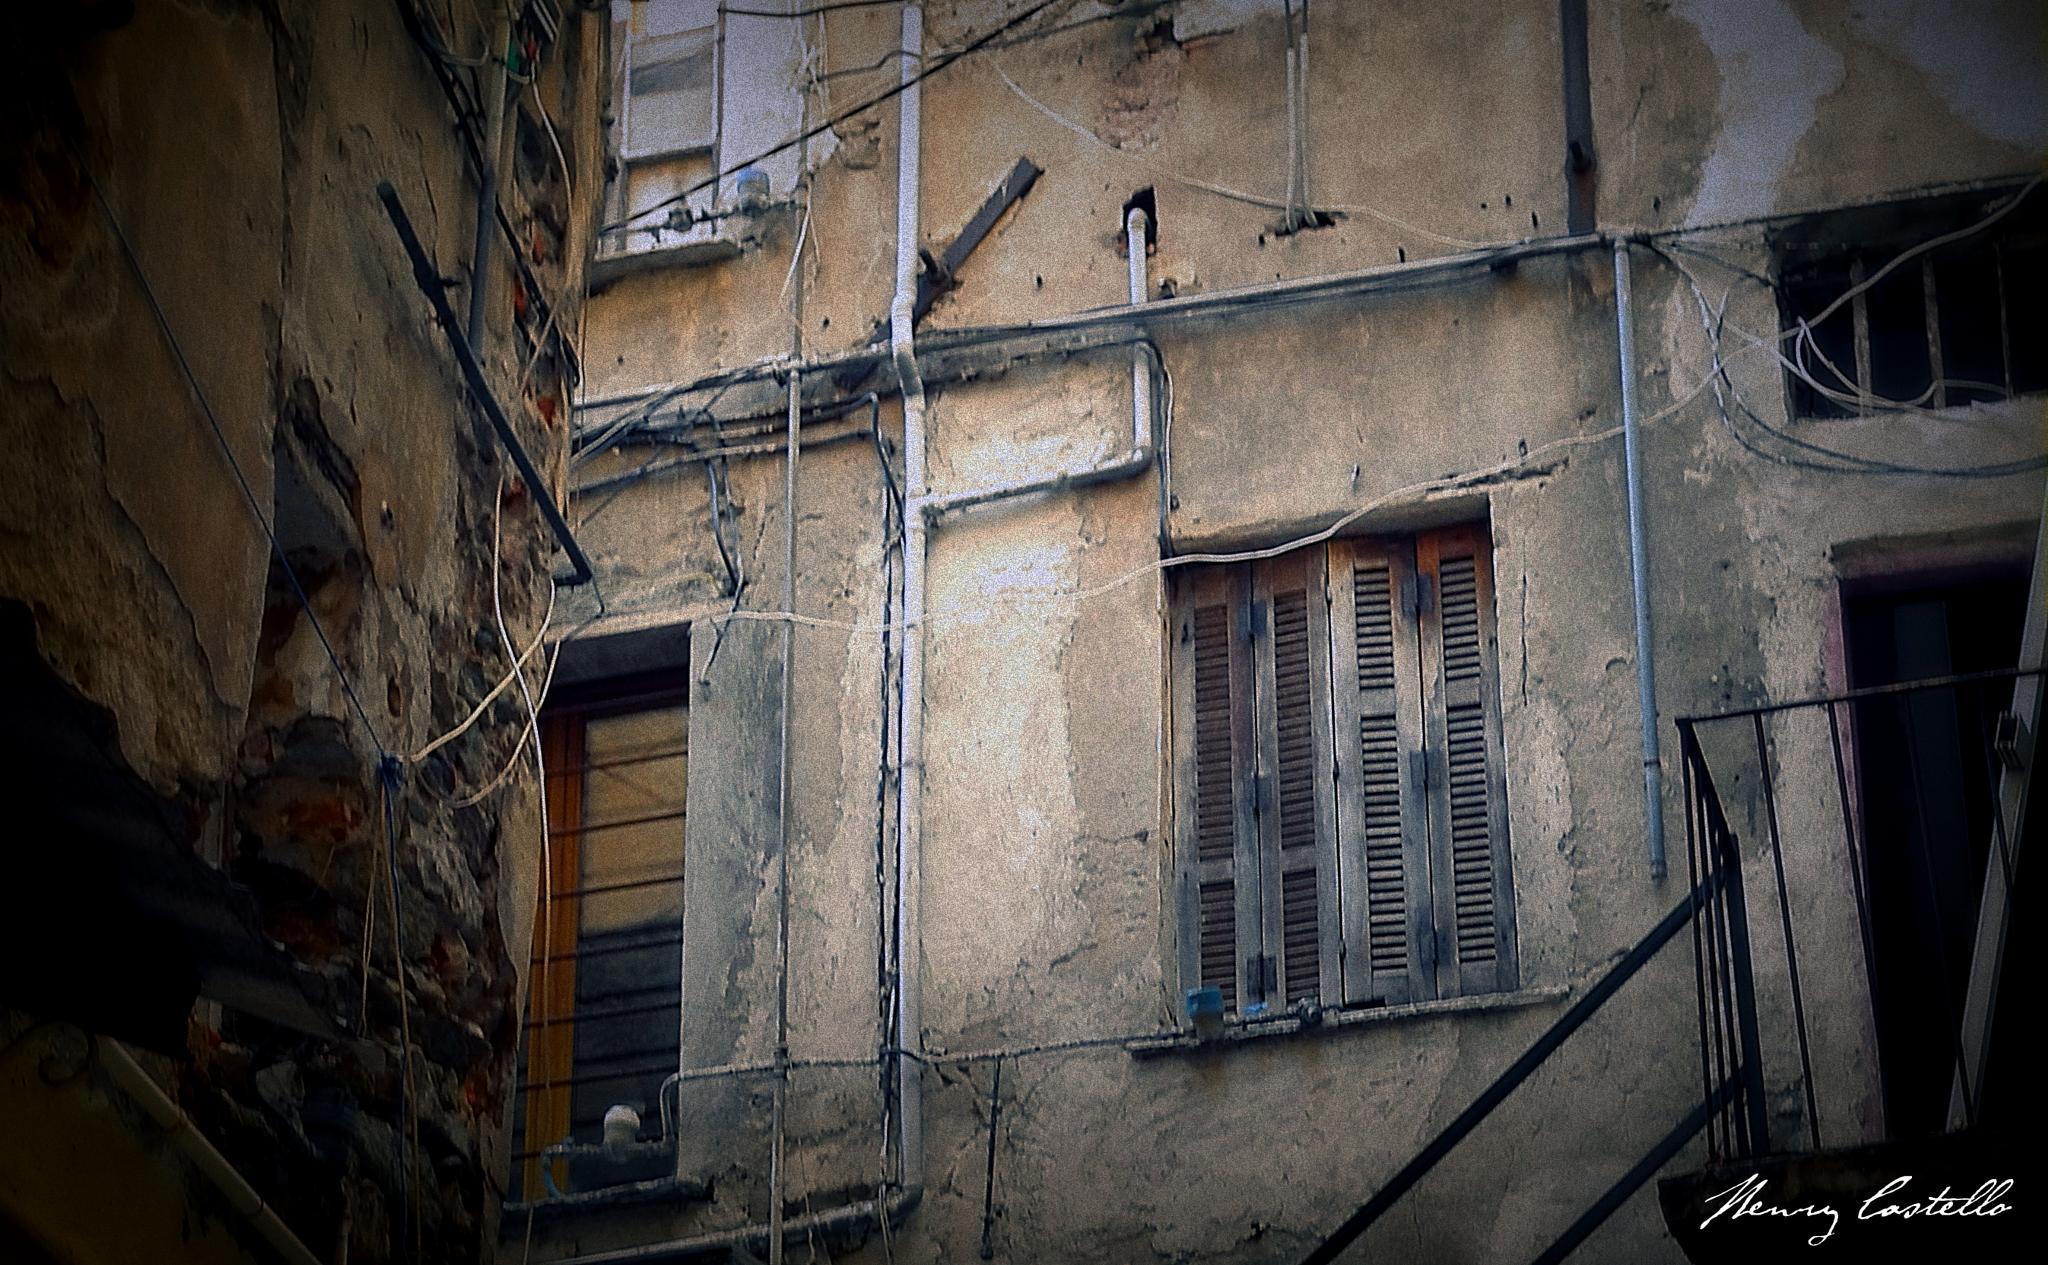 quartier a rènover by henry castello